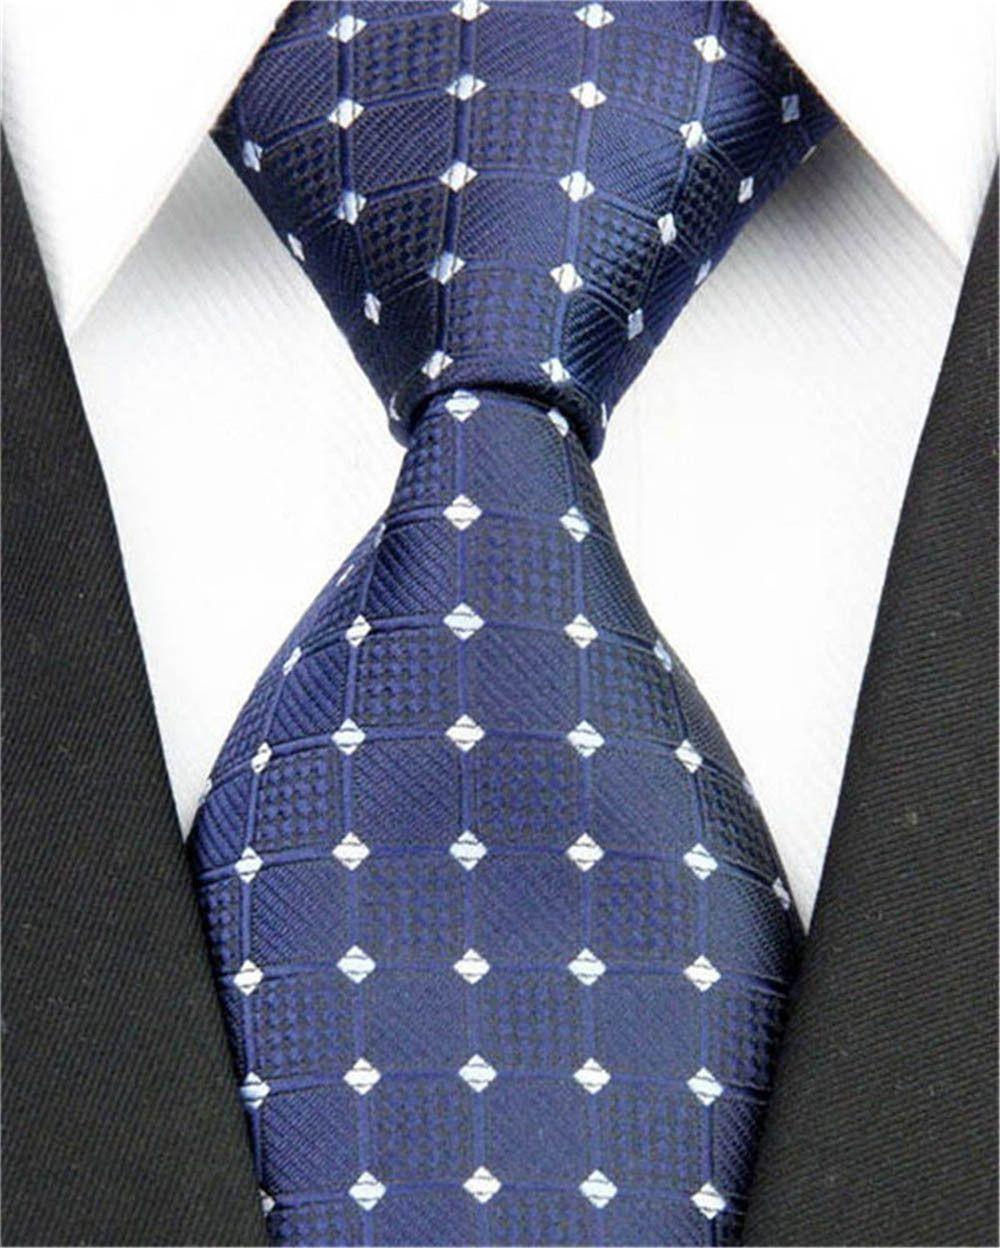 Navy Blue Men Necktie with White Checkered Accents